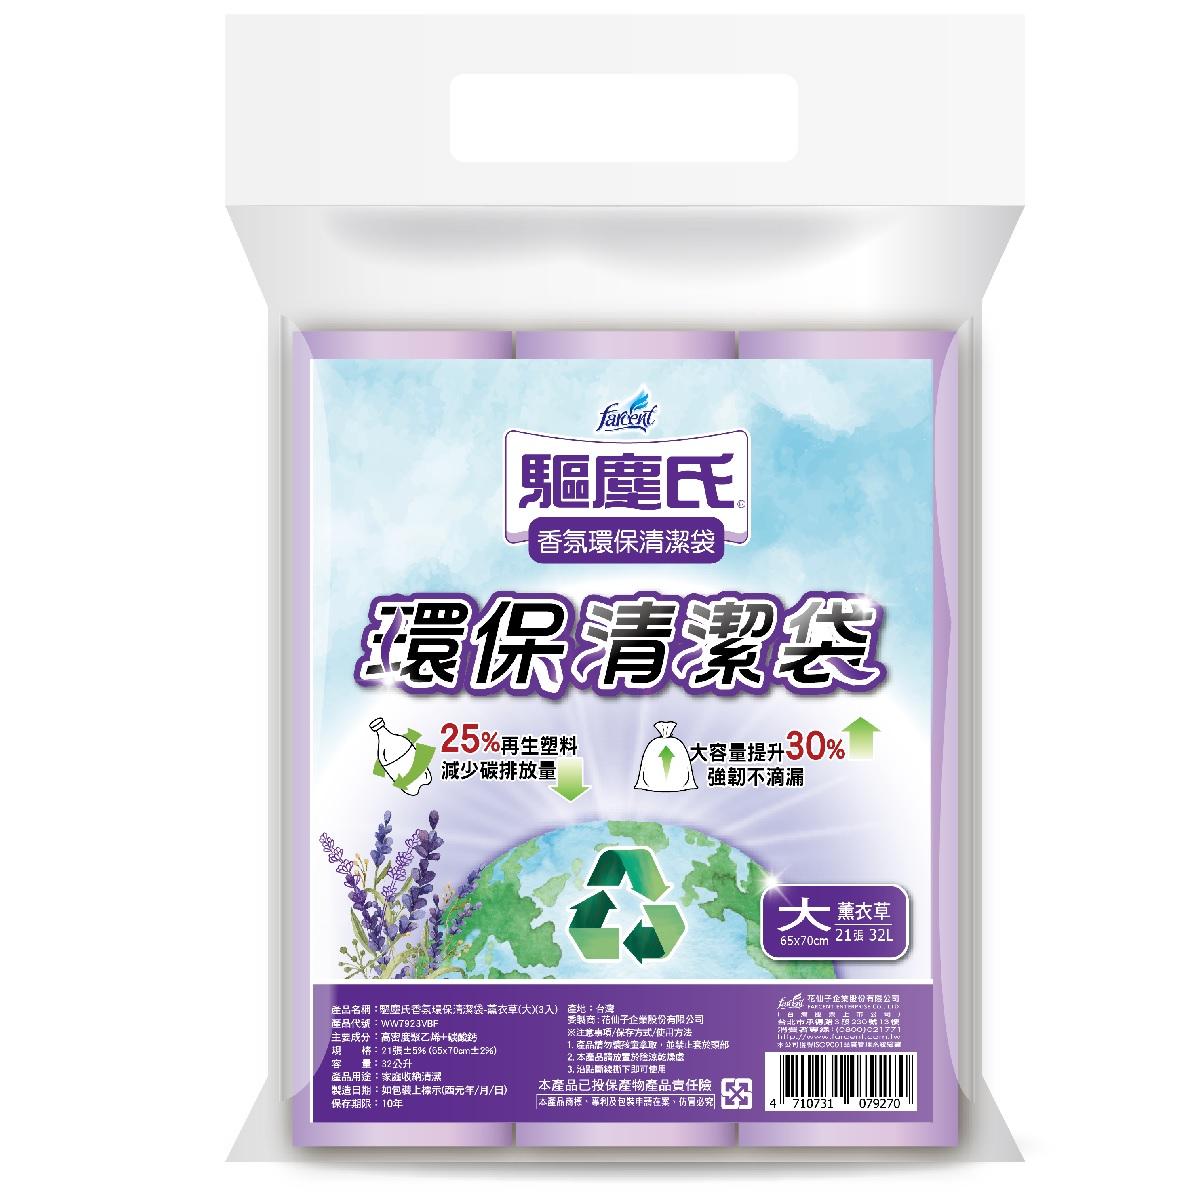 驅塵氏香氛環保清潔袋-薰衣草(大)(3入)